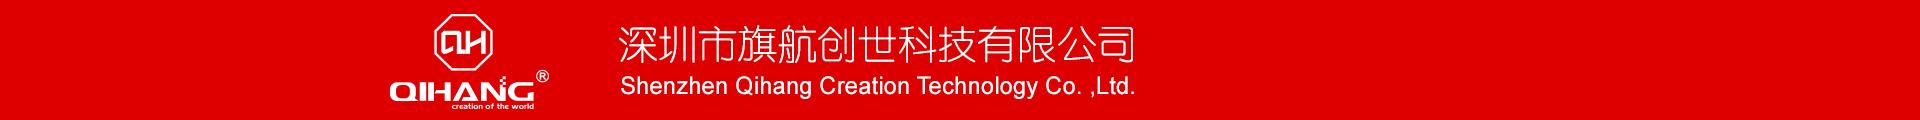 深圳市旗航创世科技有限公司